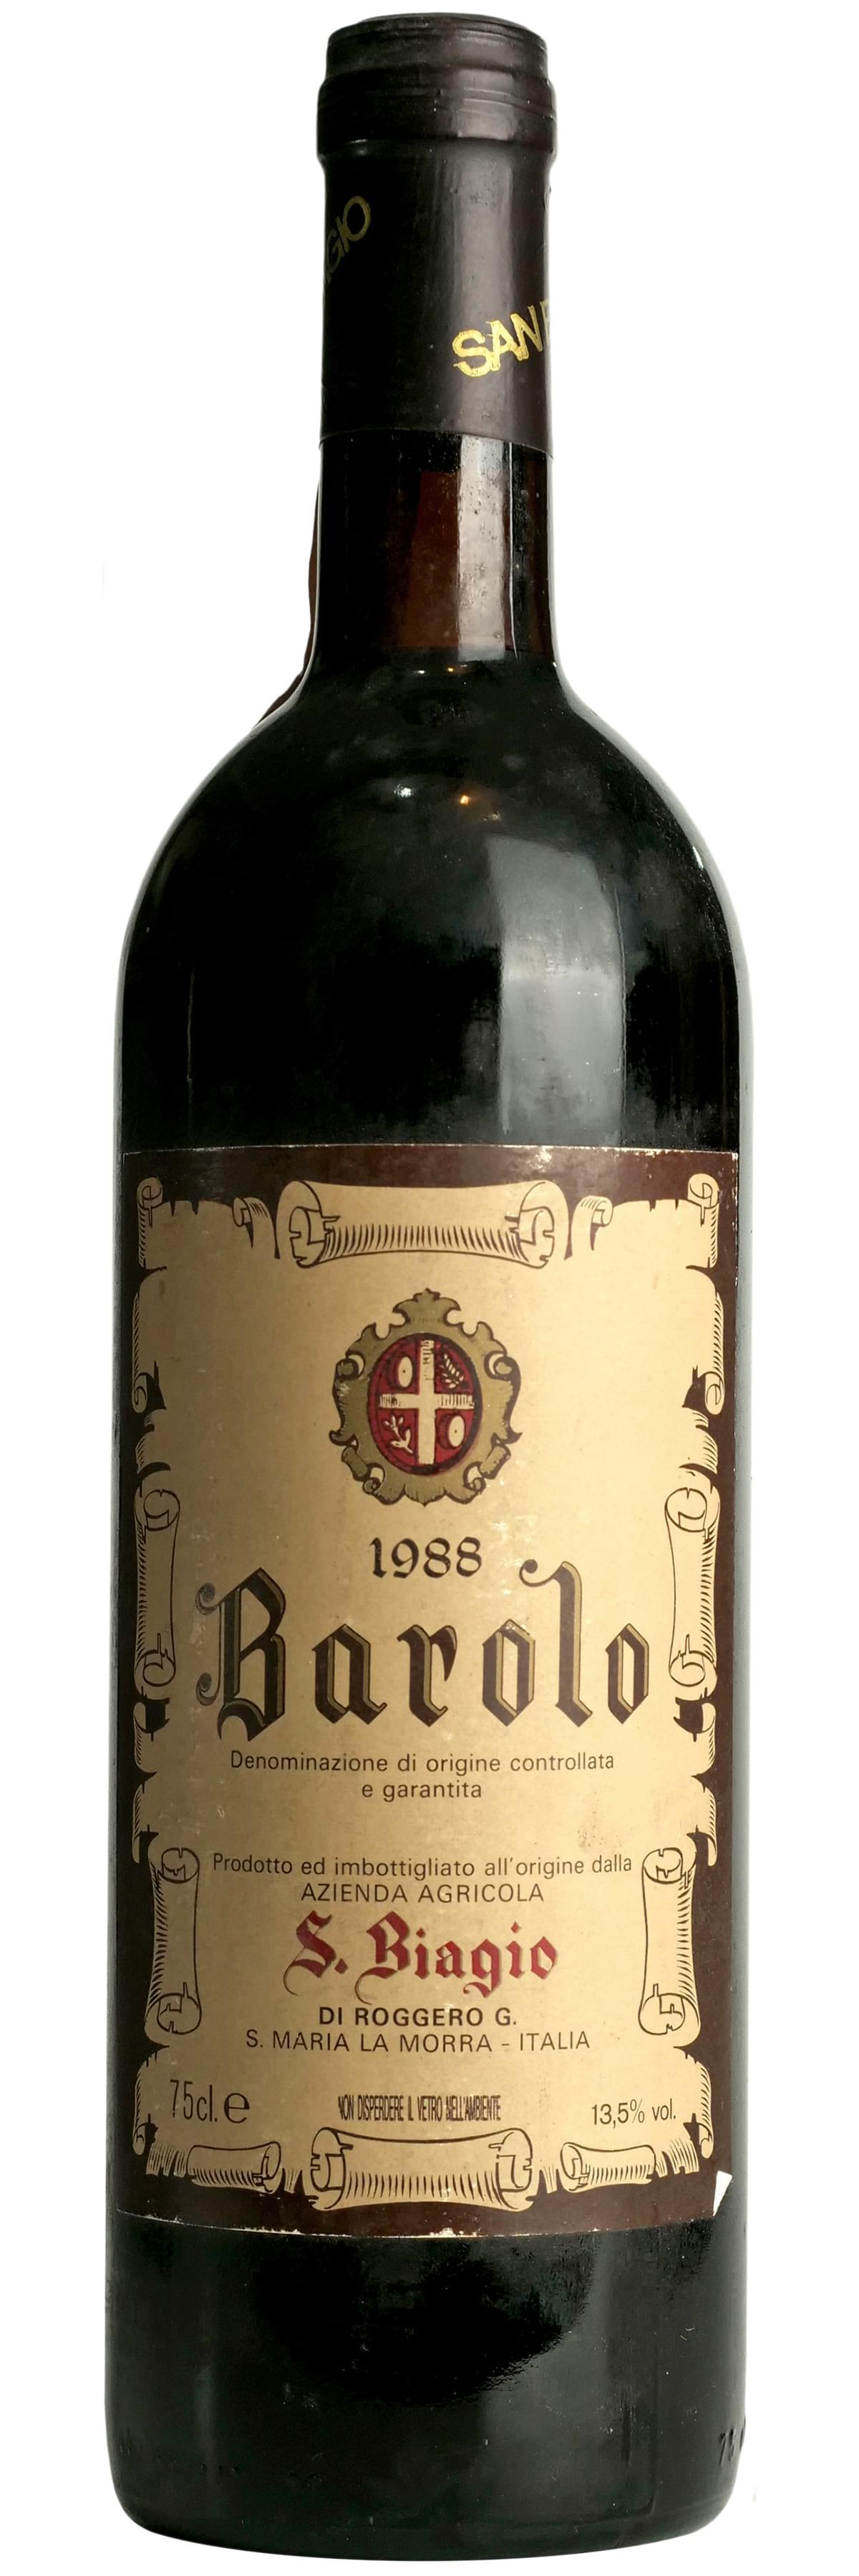 1988 San Biagio Barolo фото